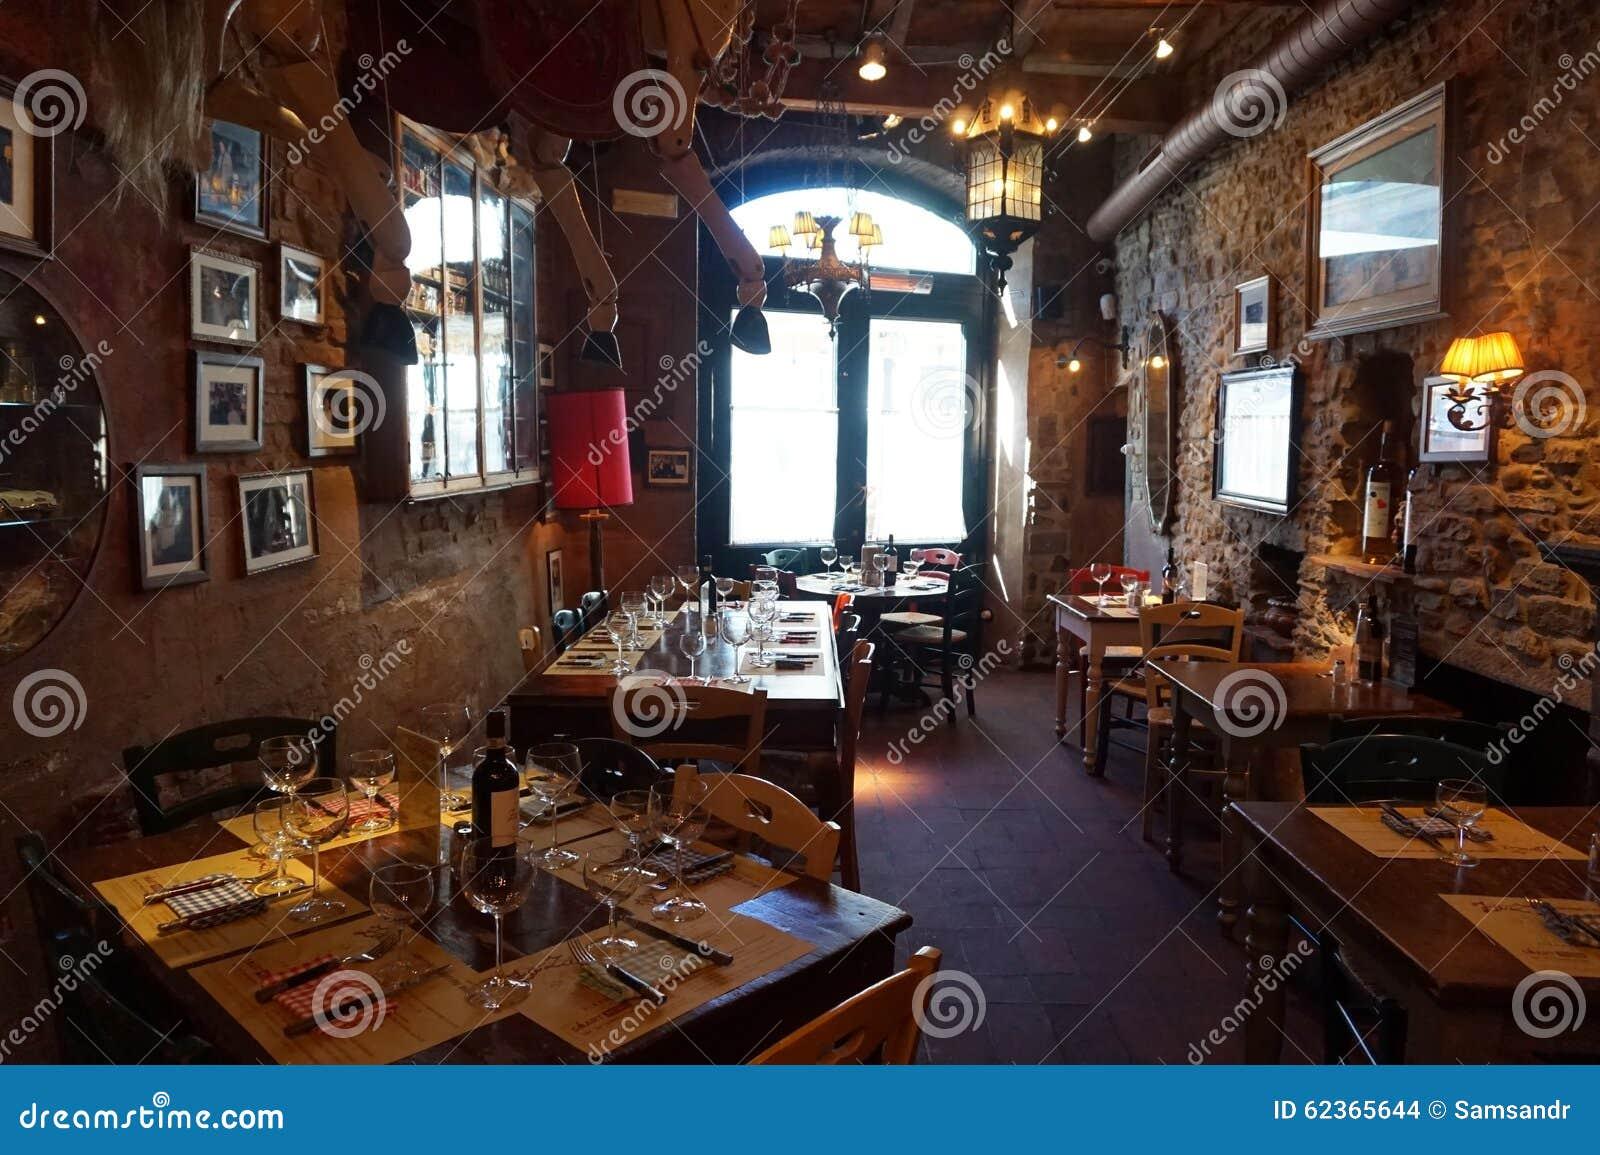 Bakery Cafe Interior Stock Photo Free